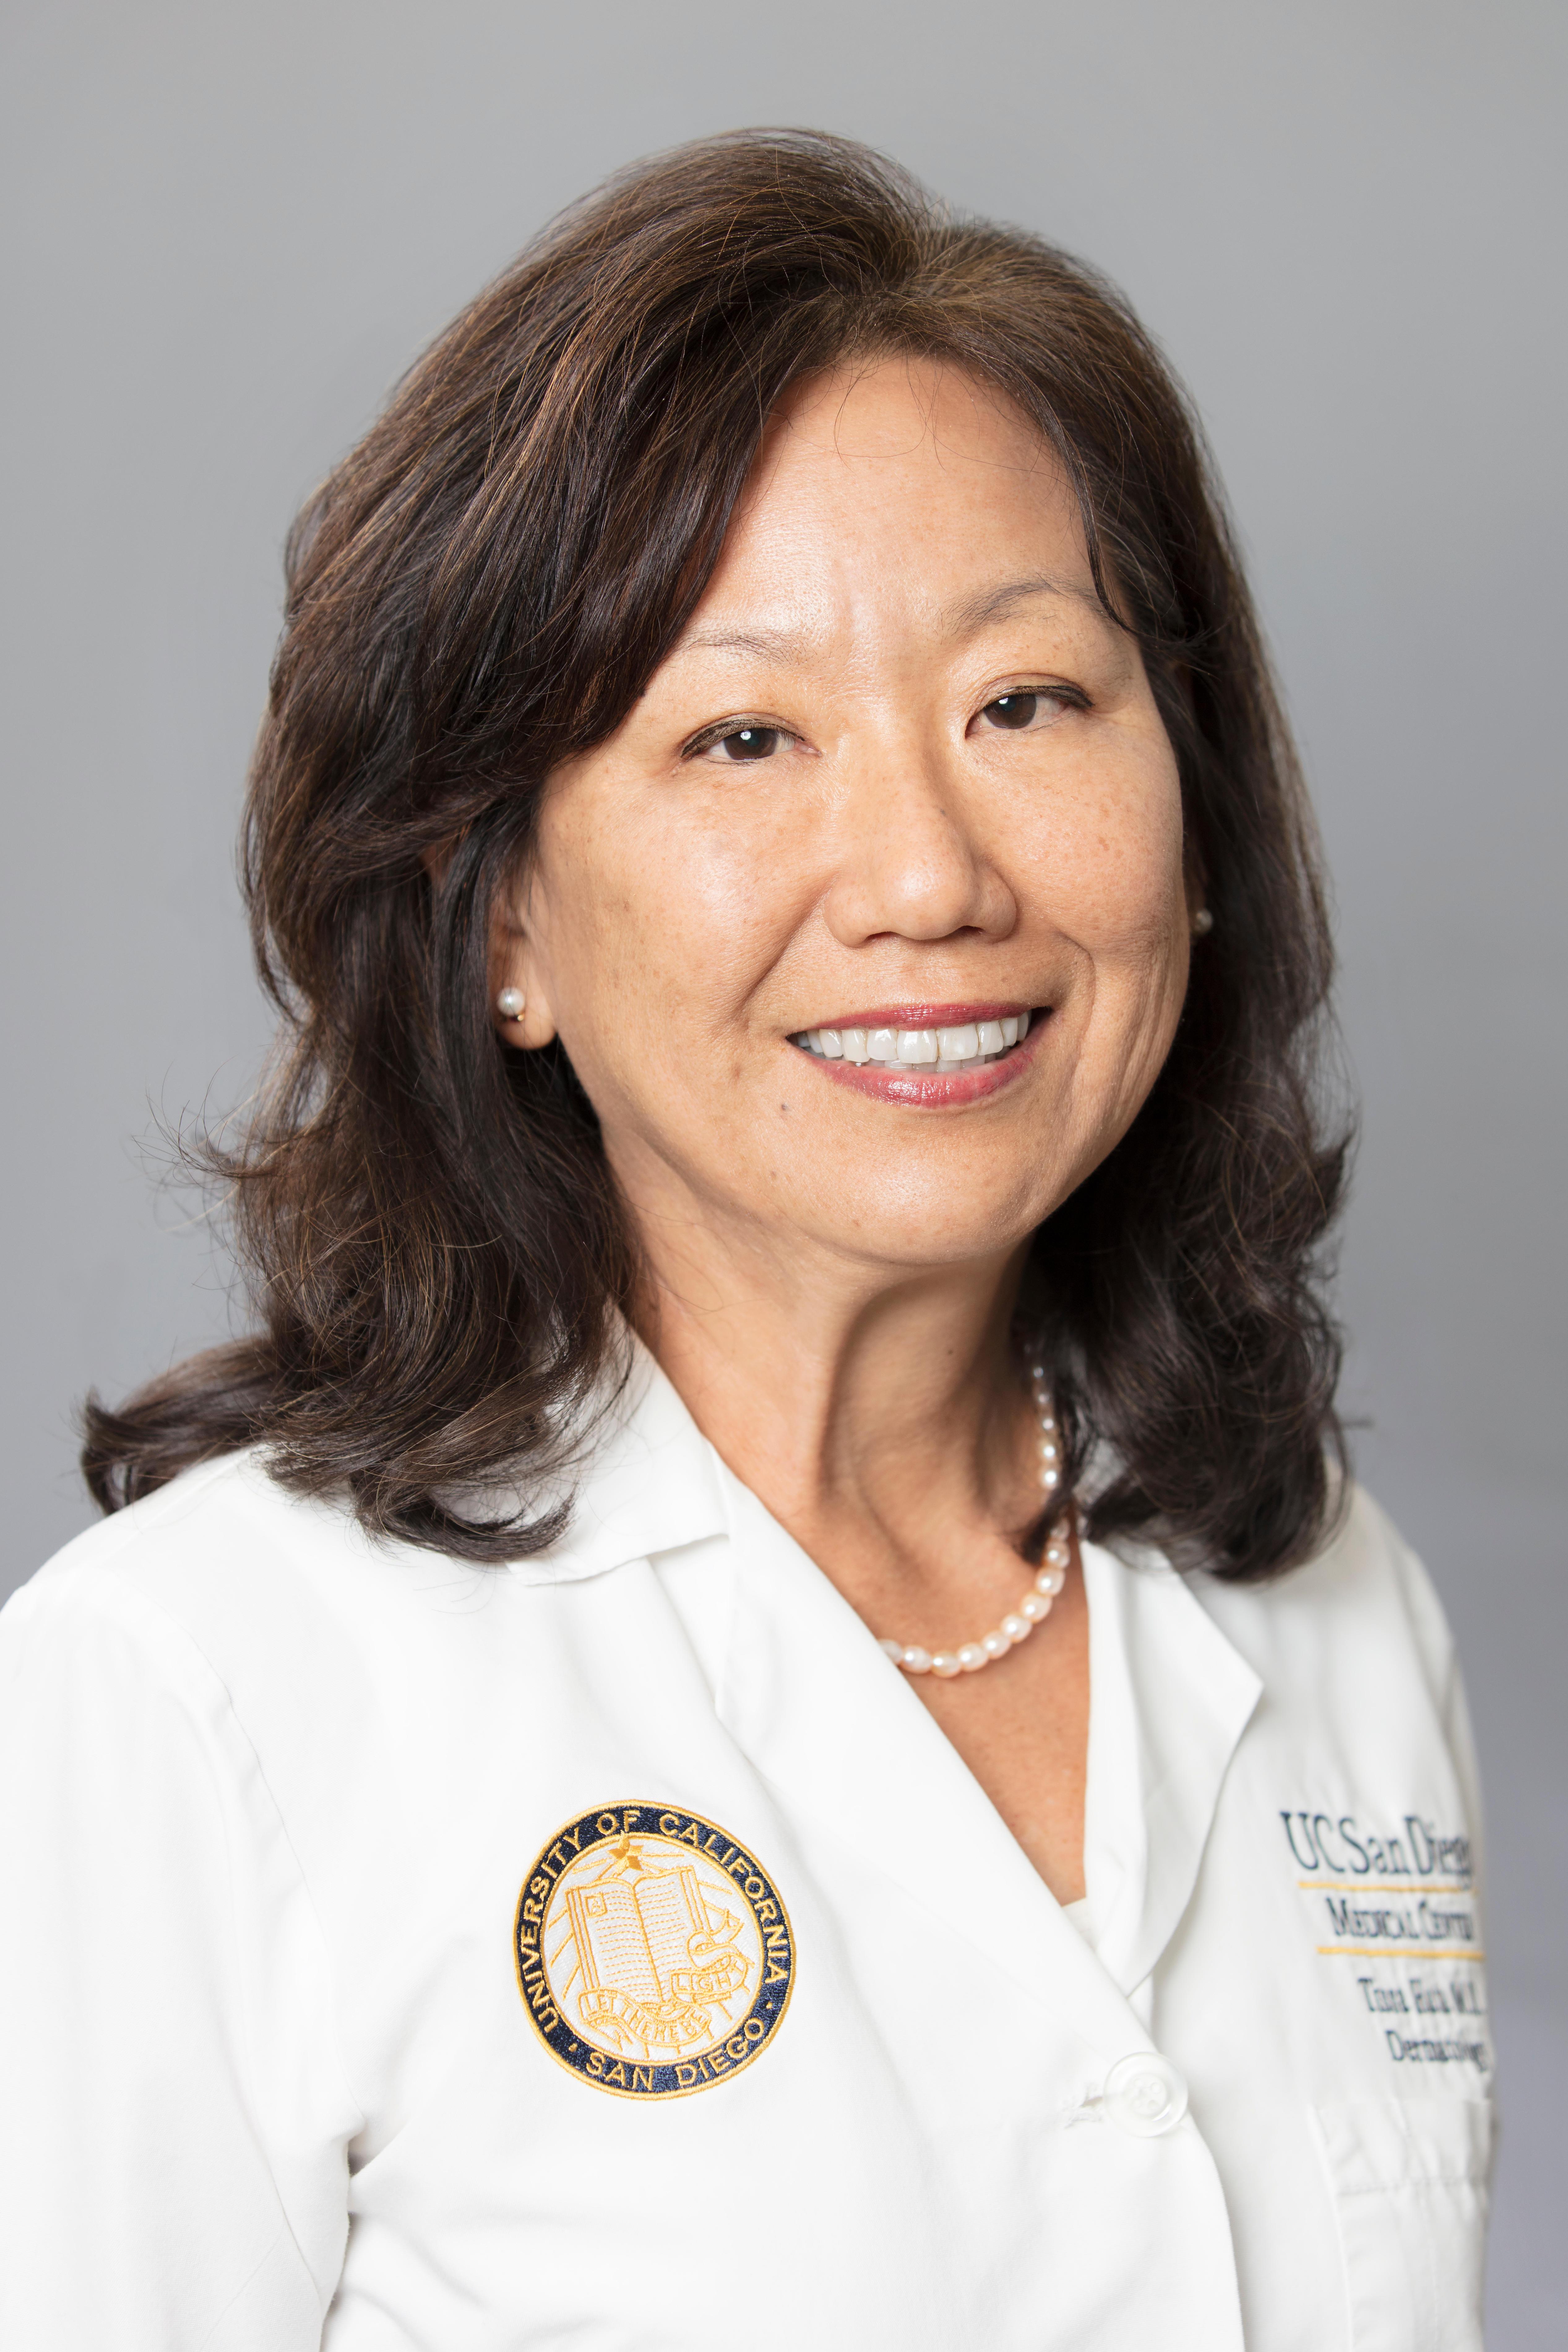 Tissa Hata, MD